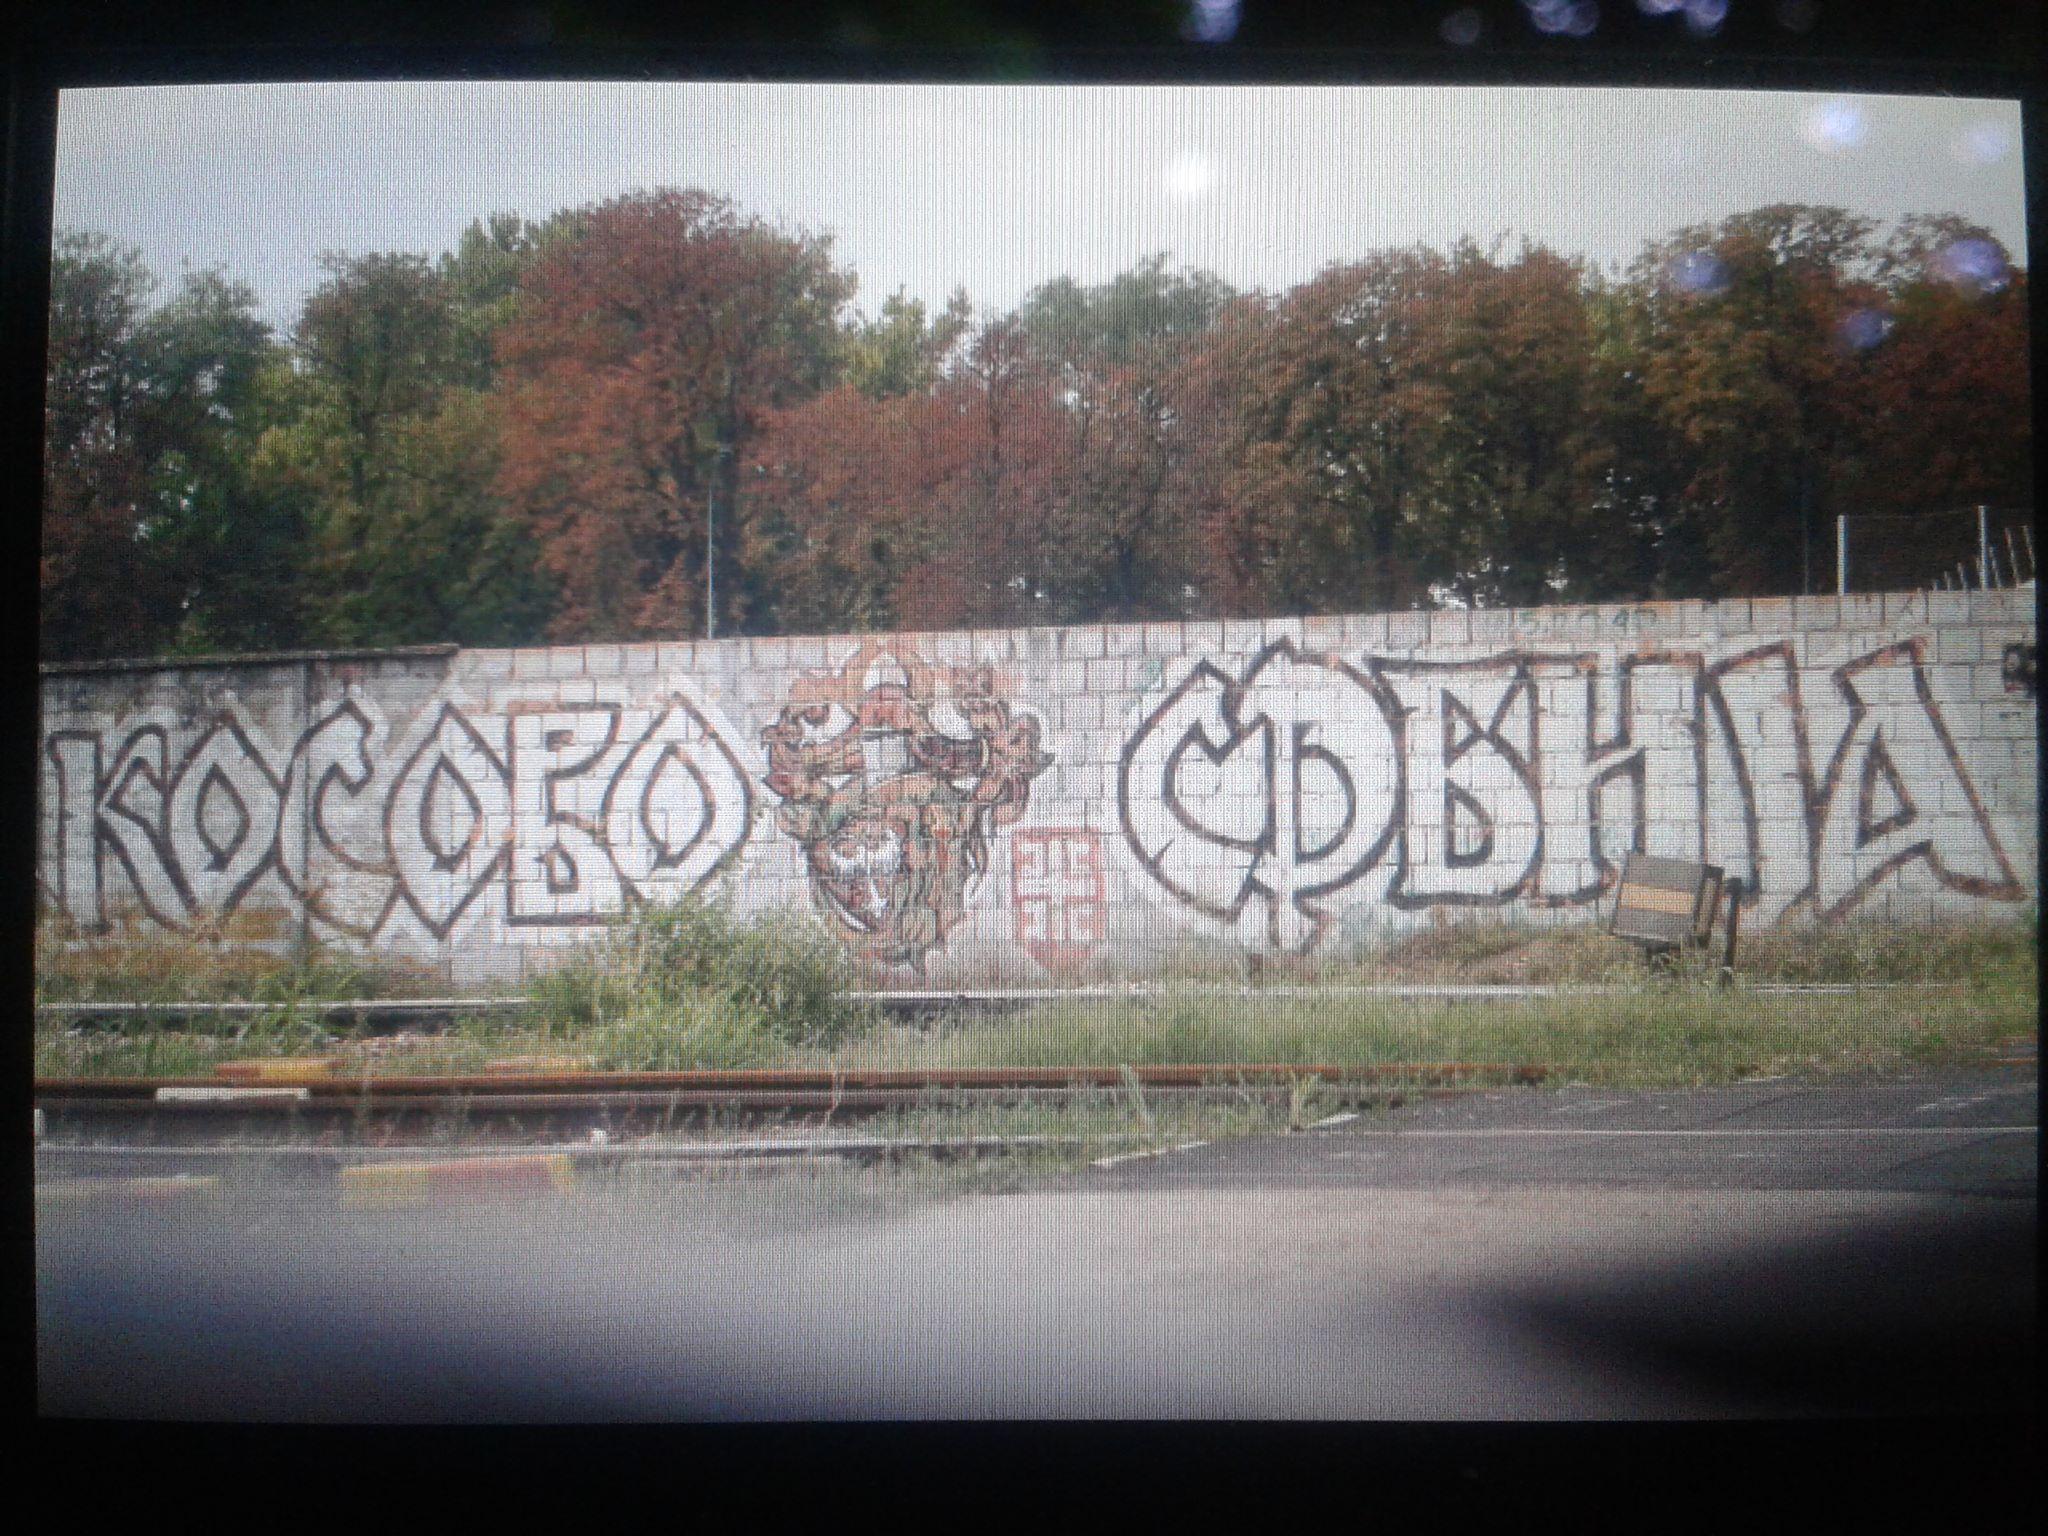 kosovo_serbia